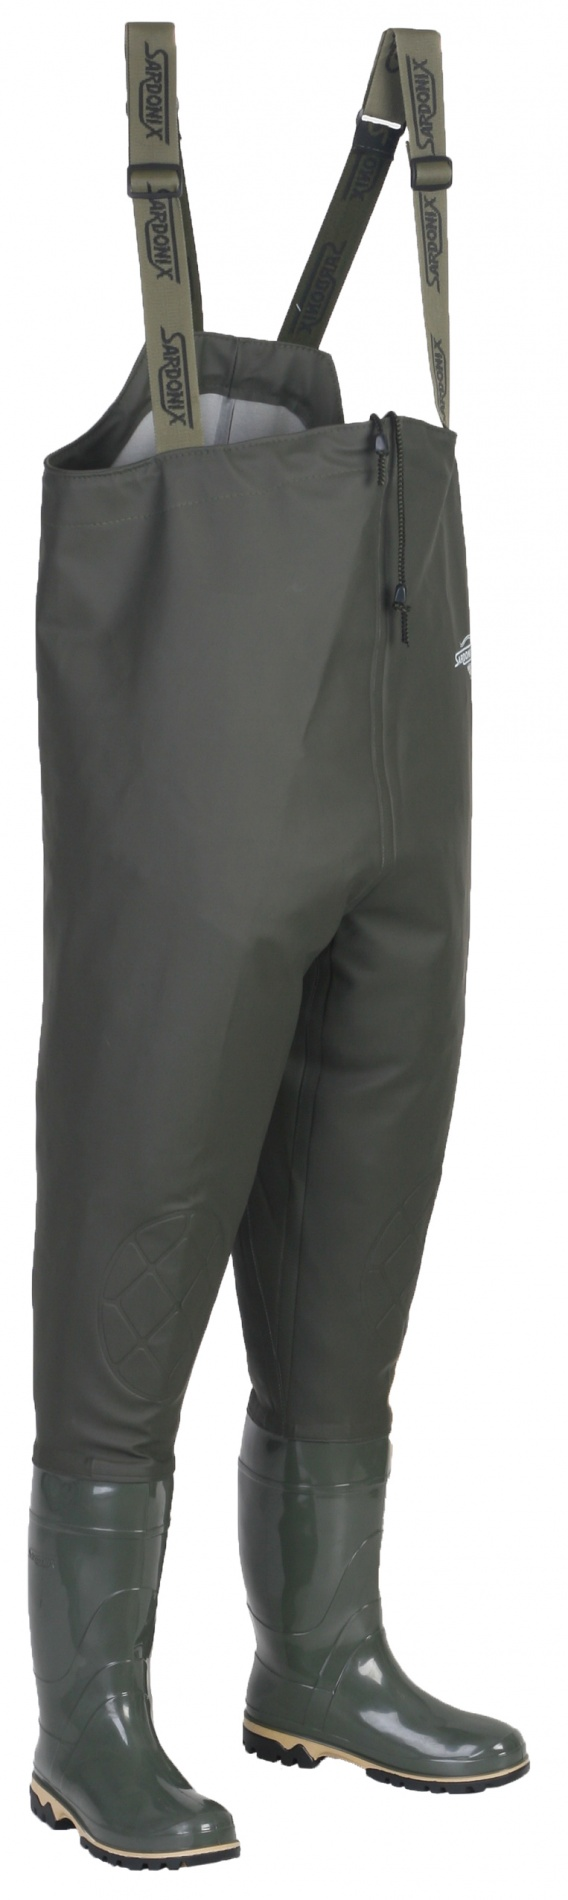 Полукомбинезон ПВХ (SARDONIX), рыбацкий оливковый Полукомбинезоны рыбацкие<br>Верх рыбацкого полукомбенизо изготовлен <br>из винитола, обладающего высокой прочностью, <br>износостойкостью и эалстичностью. Винитол <br>герметично соединен с коротким сапогом, <br>что позволяет носить его поверх верхней <br>одежды. Низ галоши выполнен методом трехкомпонентного <br>литья с применением третьего дополнительного <br>промежуточного слоя подошвы из вспененного <br>ПВХ, что придает обуви высокие амортизационные, <br>теплозащитные, антистатические и противоскользящие <br>свойства.<br><br>Пол: мужской<br>Размер: 44(285)<br>Сезон: лето<br>Цвет: оливковый